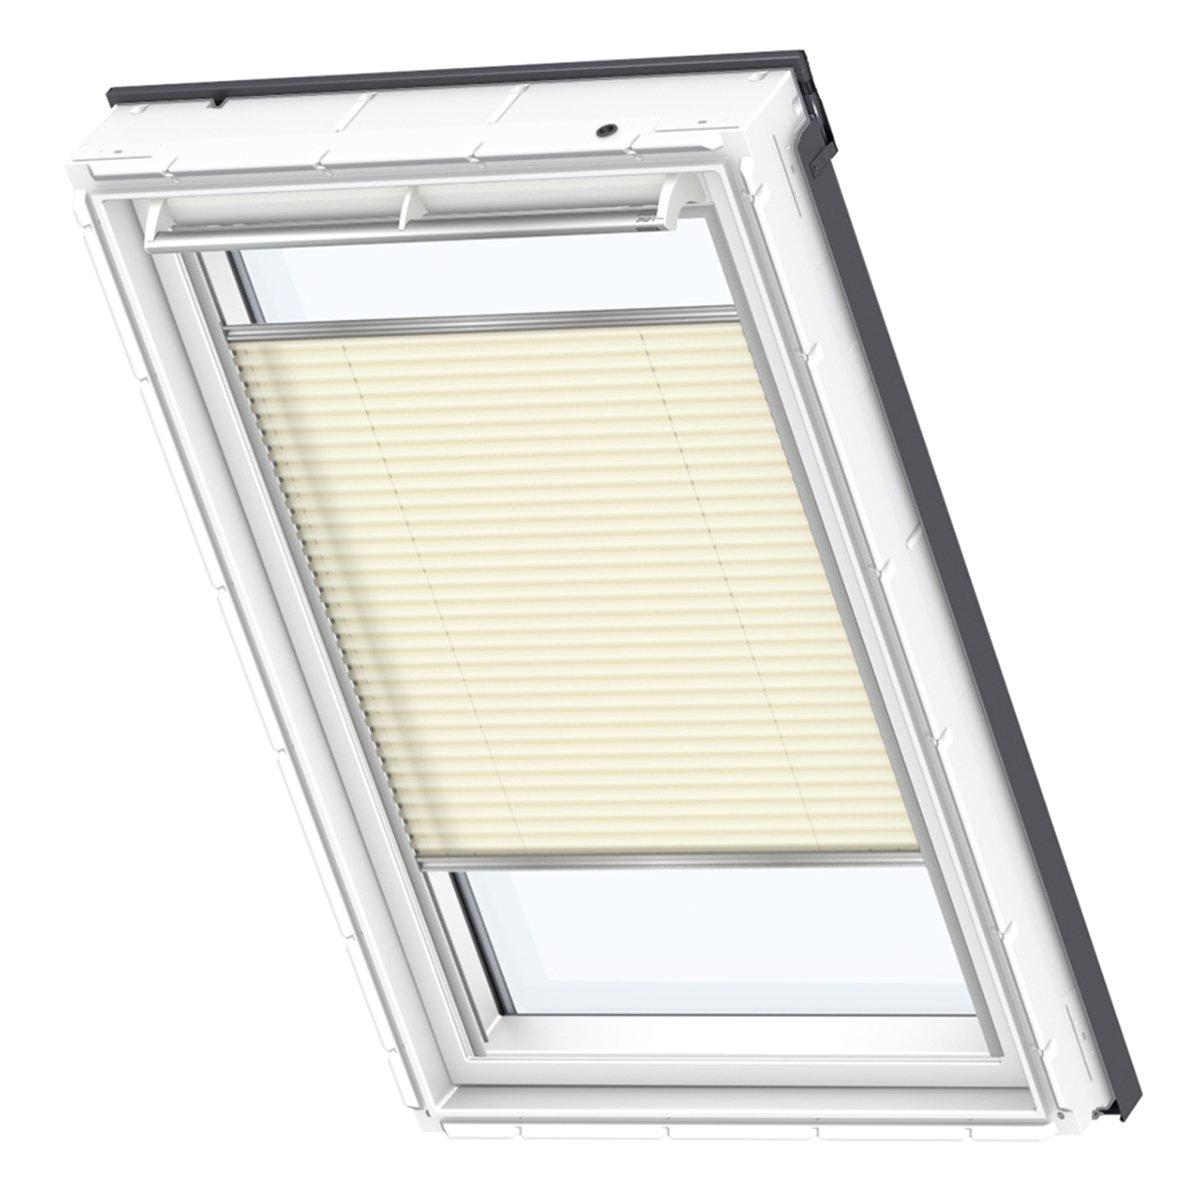 VELUX Original Plissee Creme Dachfenster, CK04, Uni Creme Plissee 8d3ac5